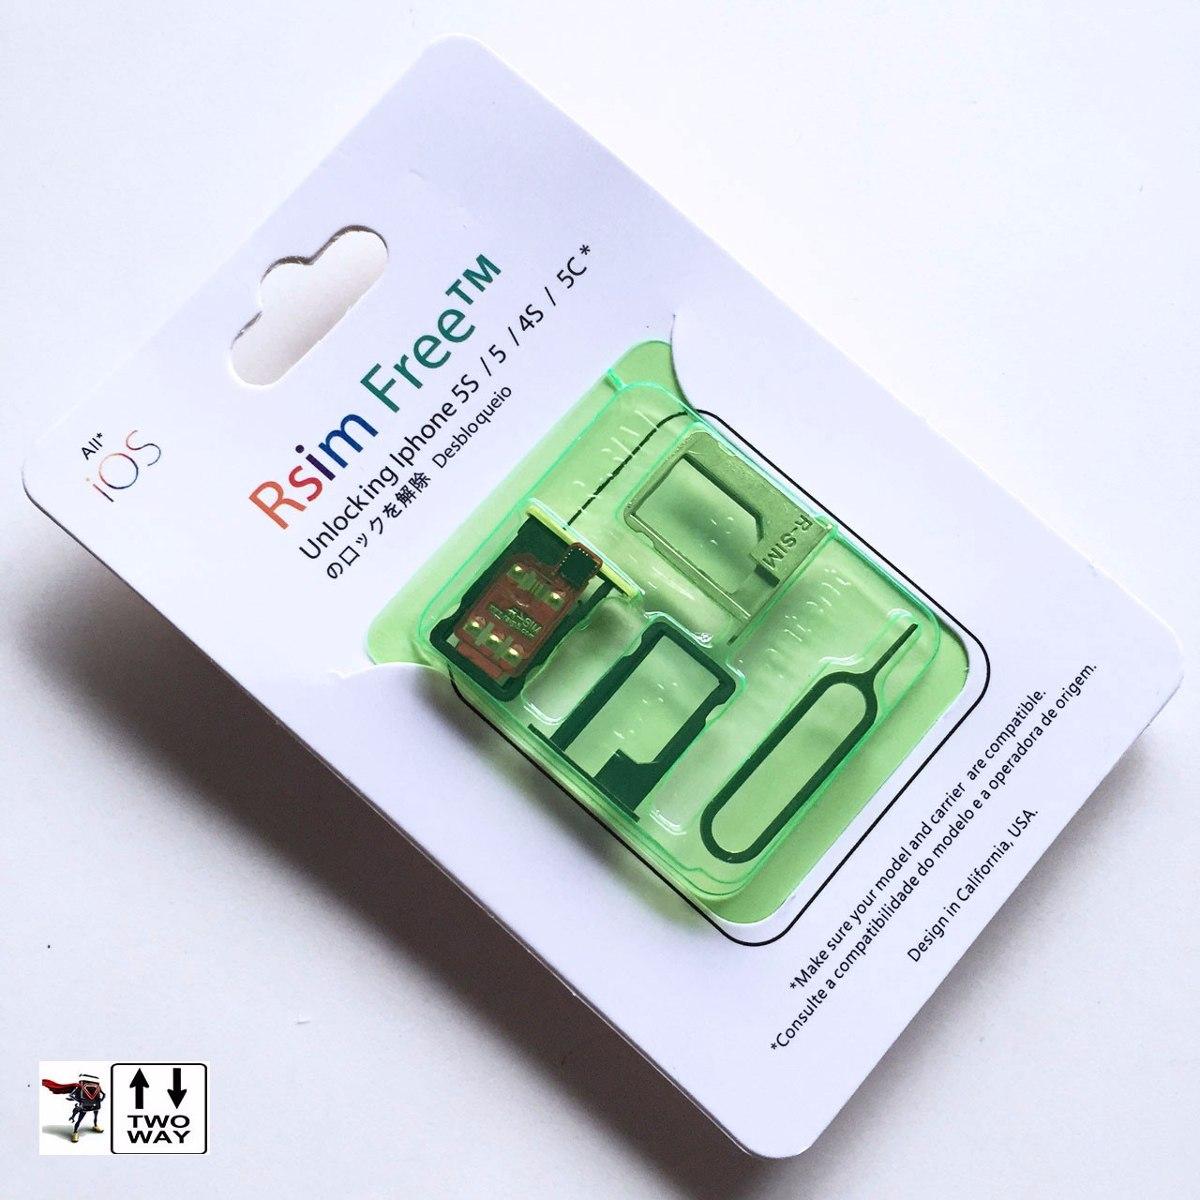 8e7b98cc6d1 chip p/ desbloqueio iphone 5s 4s 5 r-sim free softbank au 3g. Carregando  zoom.